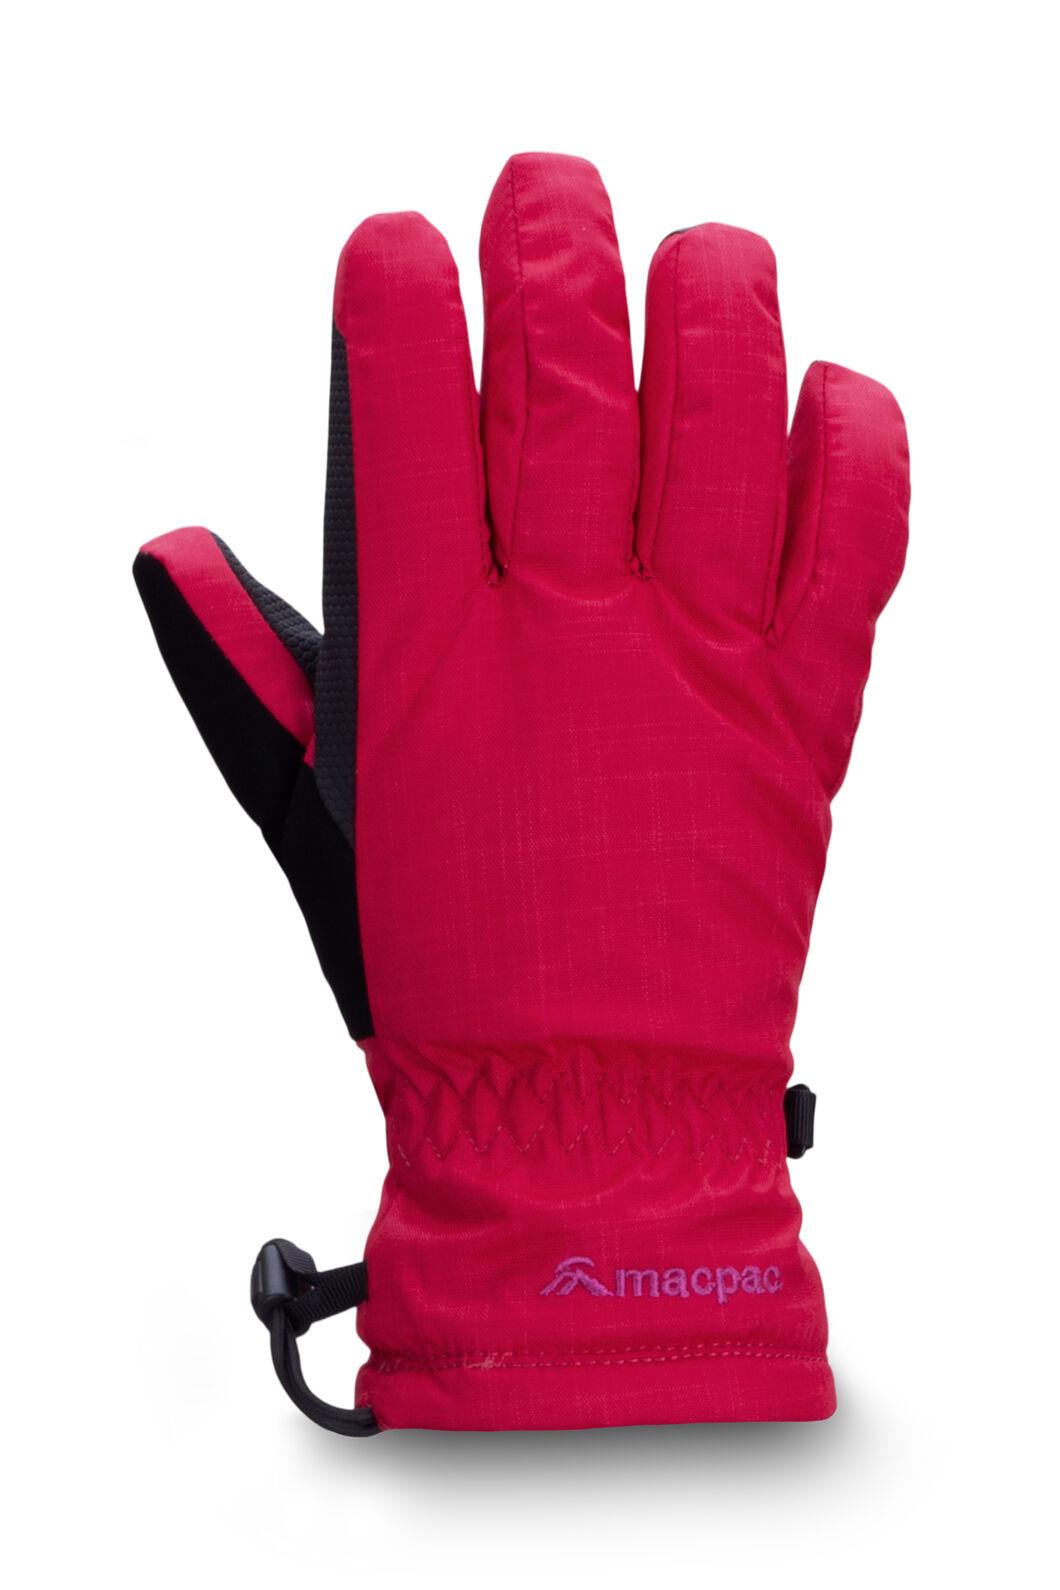 Macpac Kids' Spree Reflex™ Ski Gloves, Jazzy/Wild Orchid, hi-res